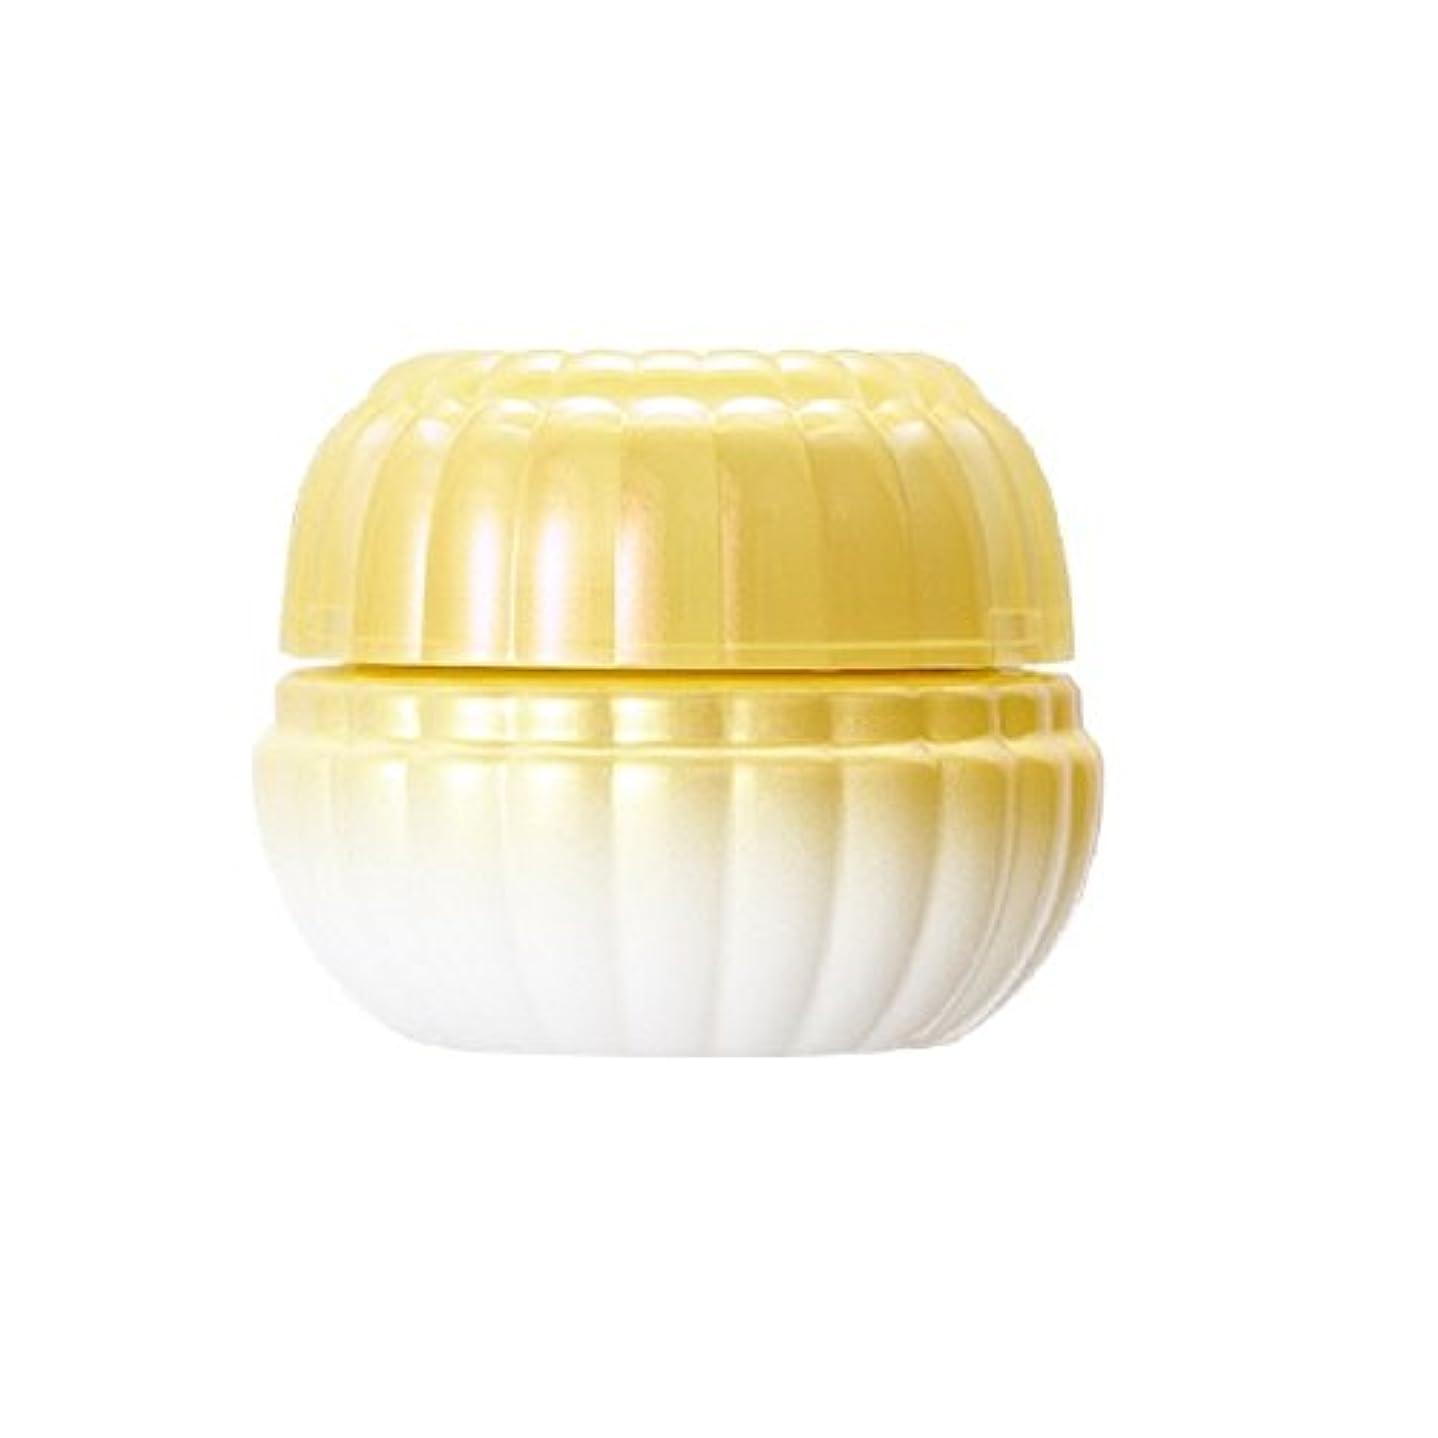 泣く苛性可動式アユーラ (AYURA) モイストパワライズクリーム (医薬部外品) 28g 〈美白クリーム〉